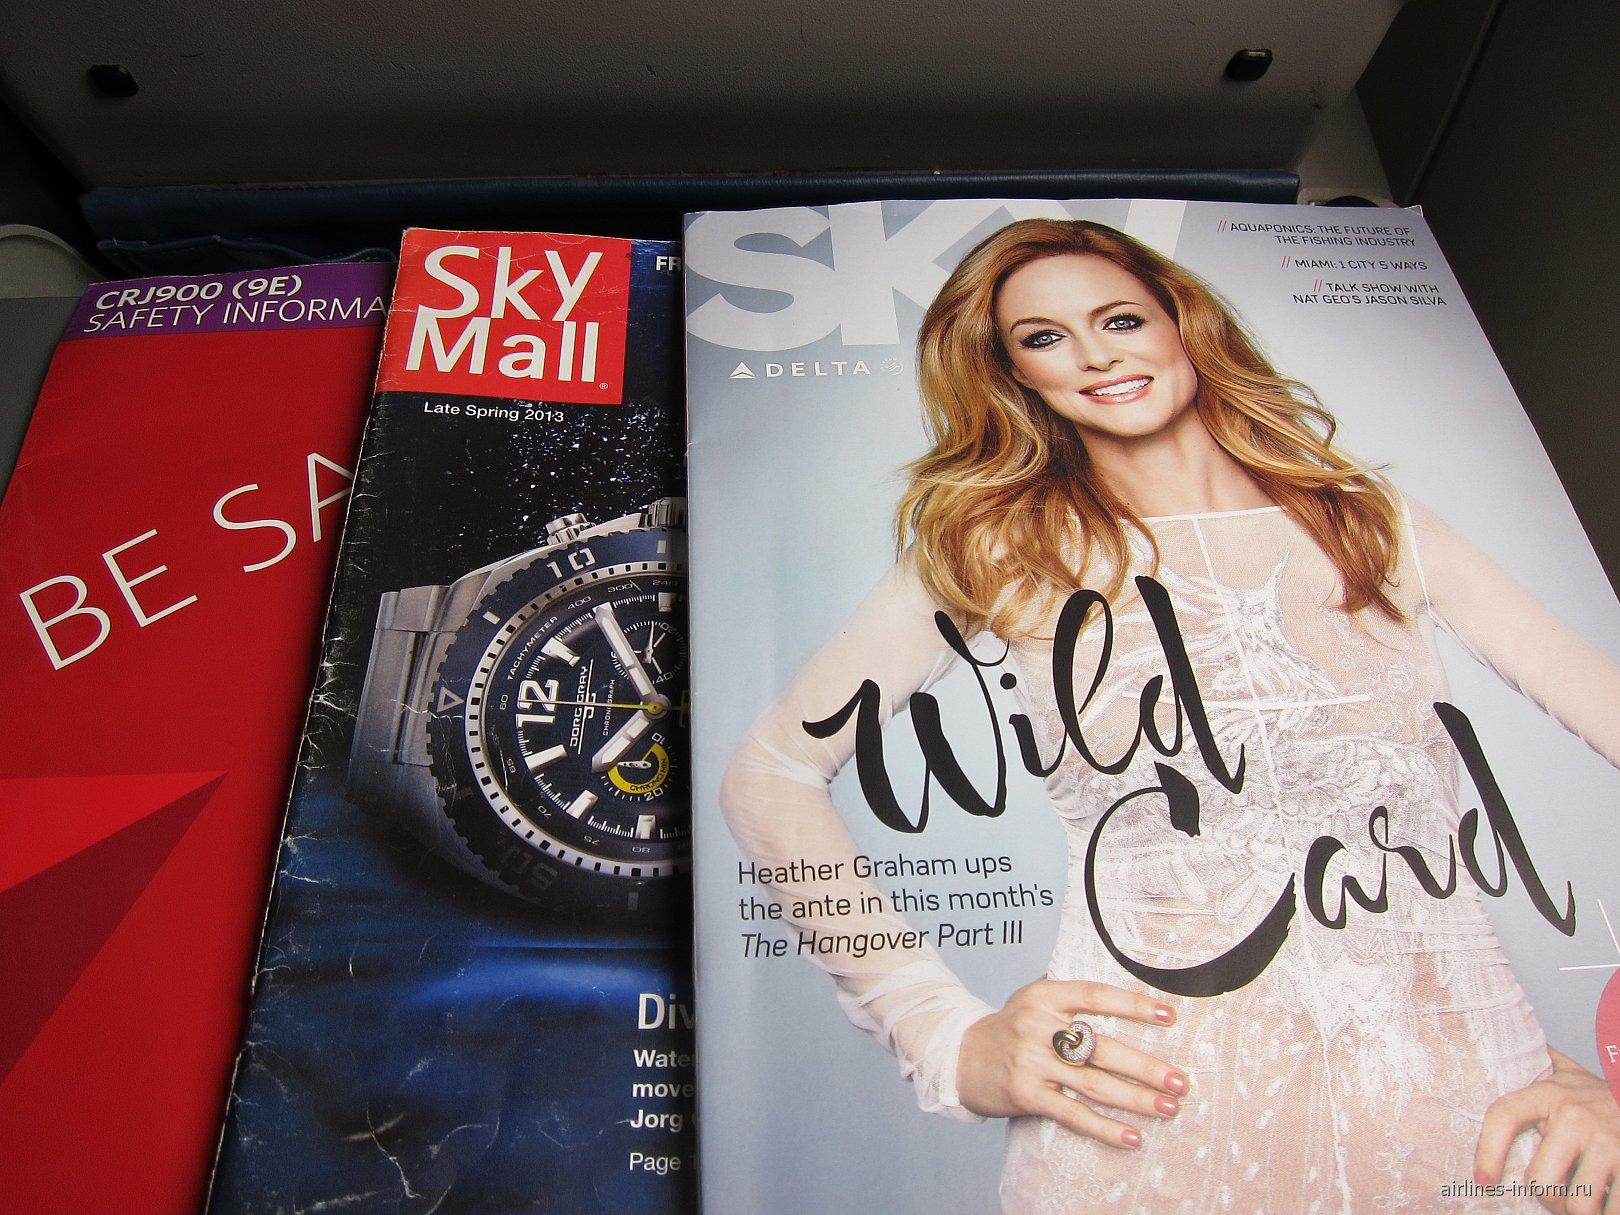 Журналы для пассажиров авиакомпании Delta